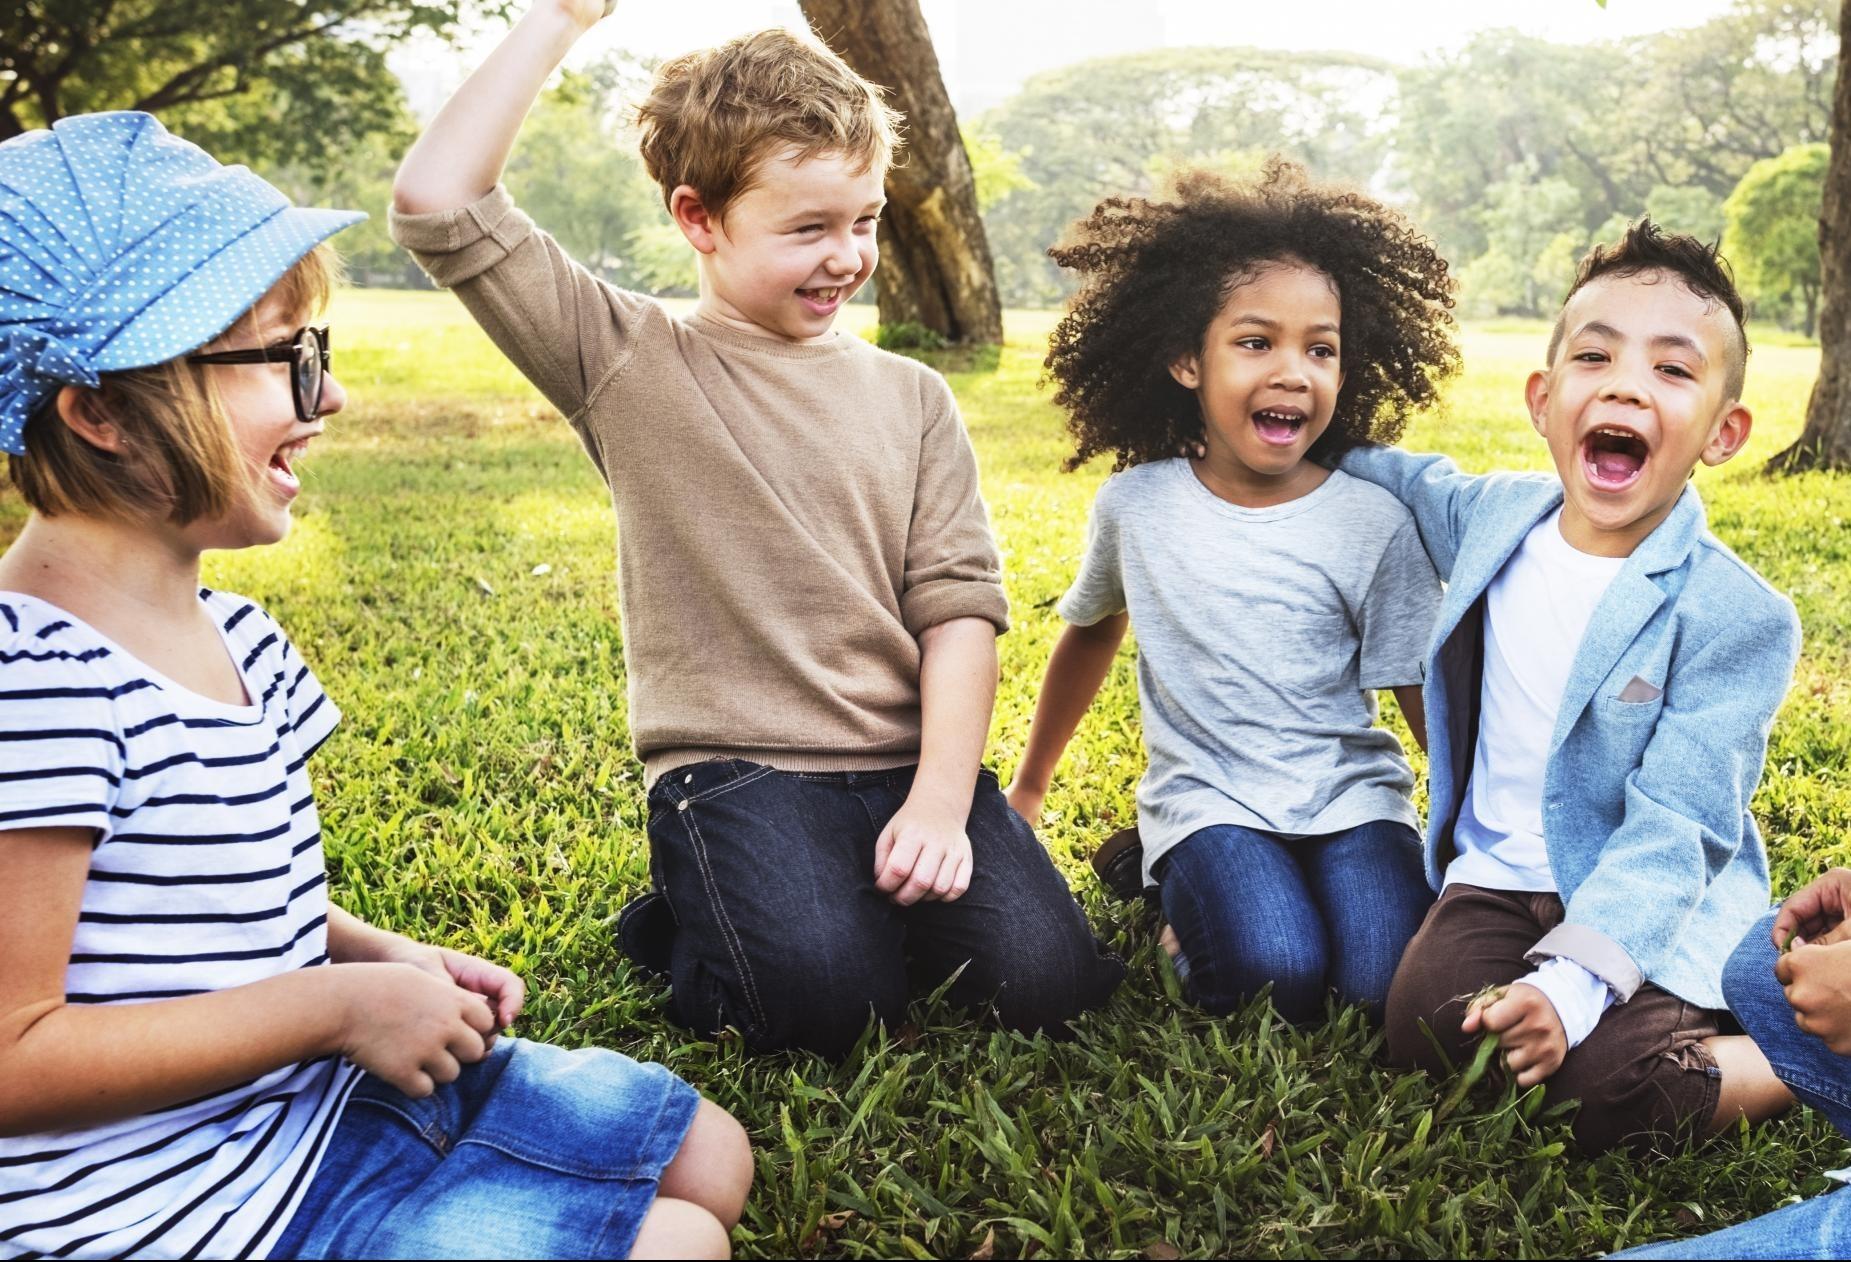 Habilidades sociais das crianças precisam ser monitoradas